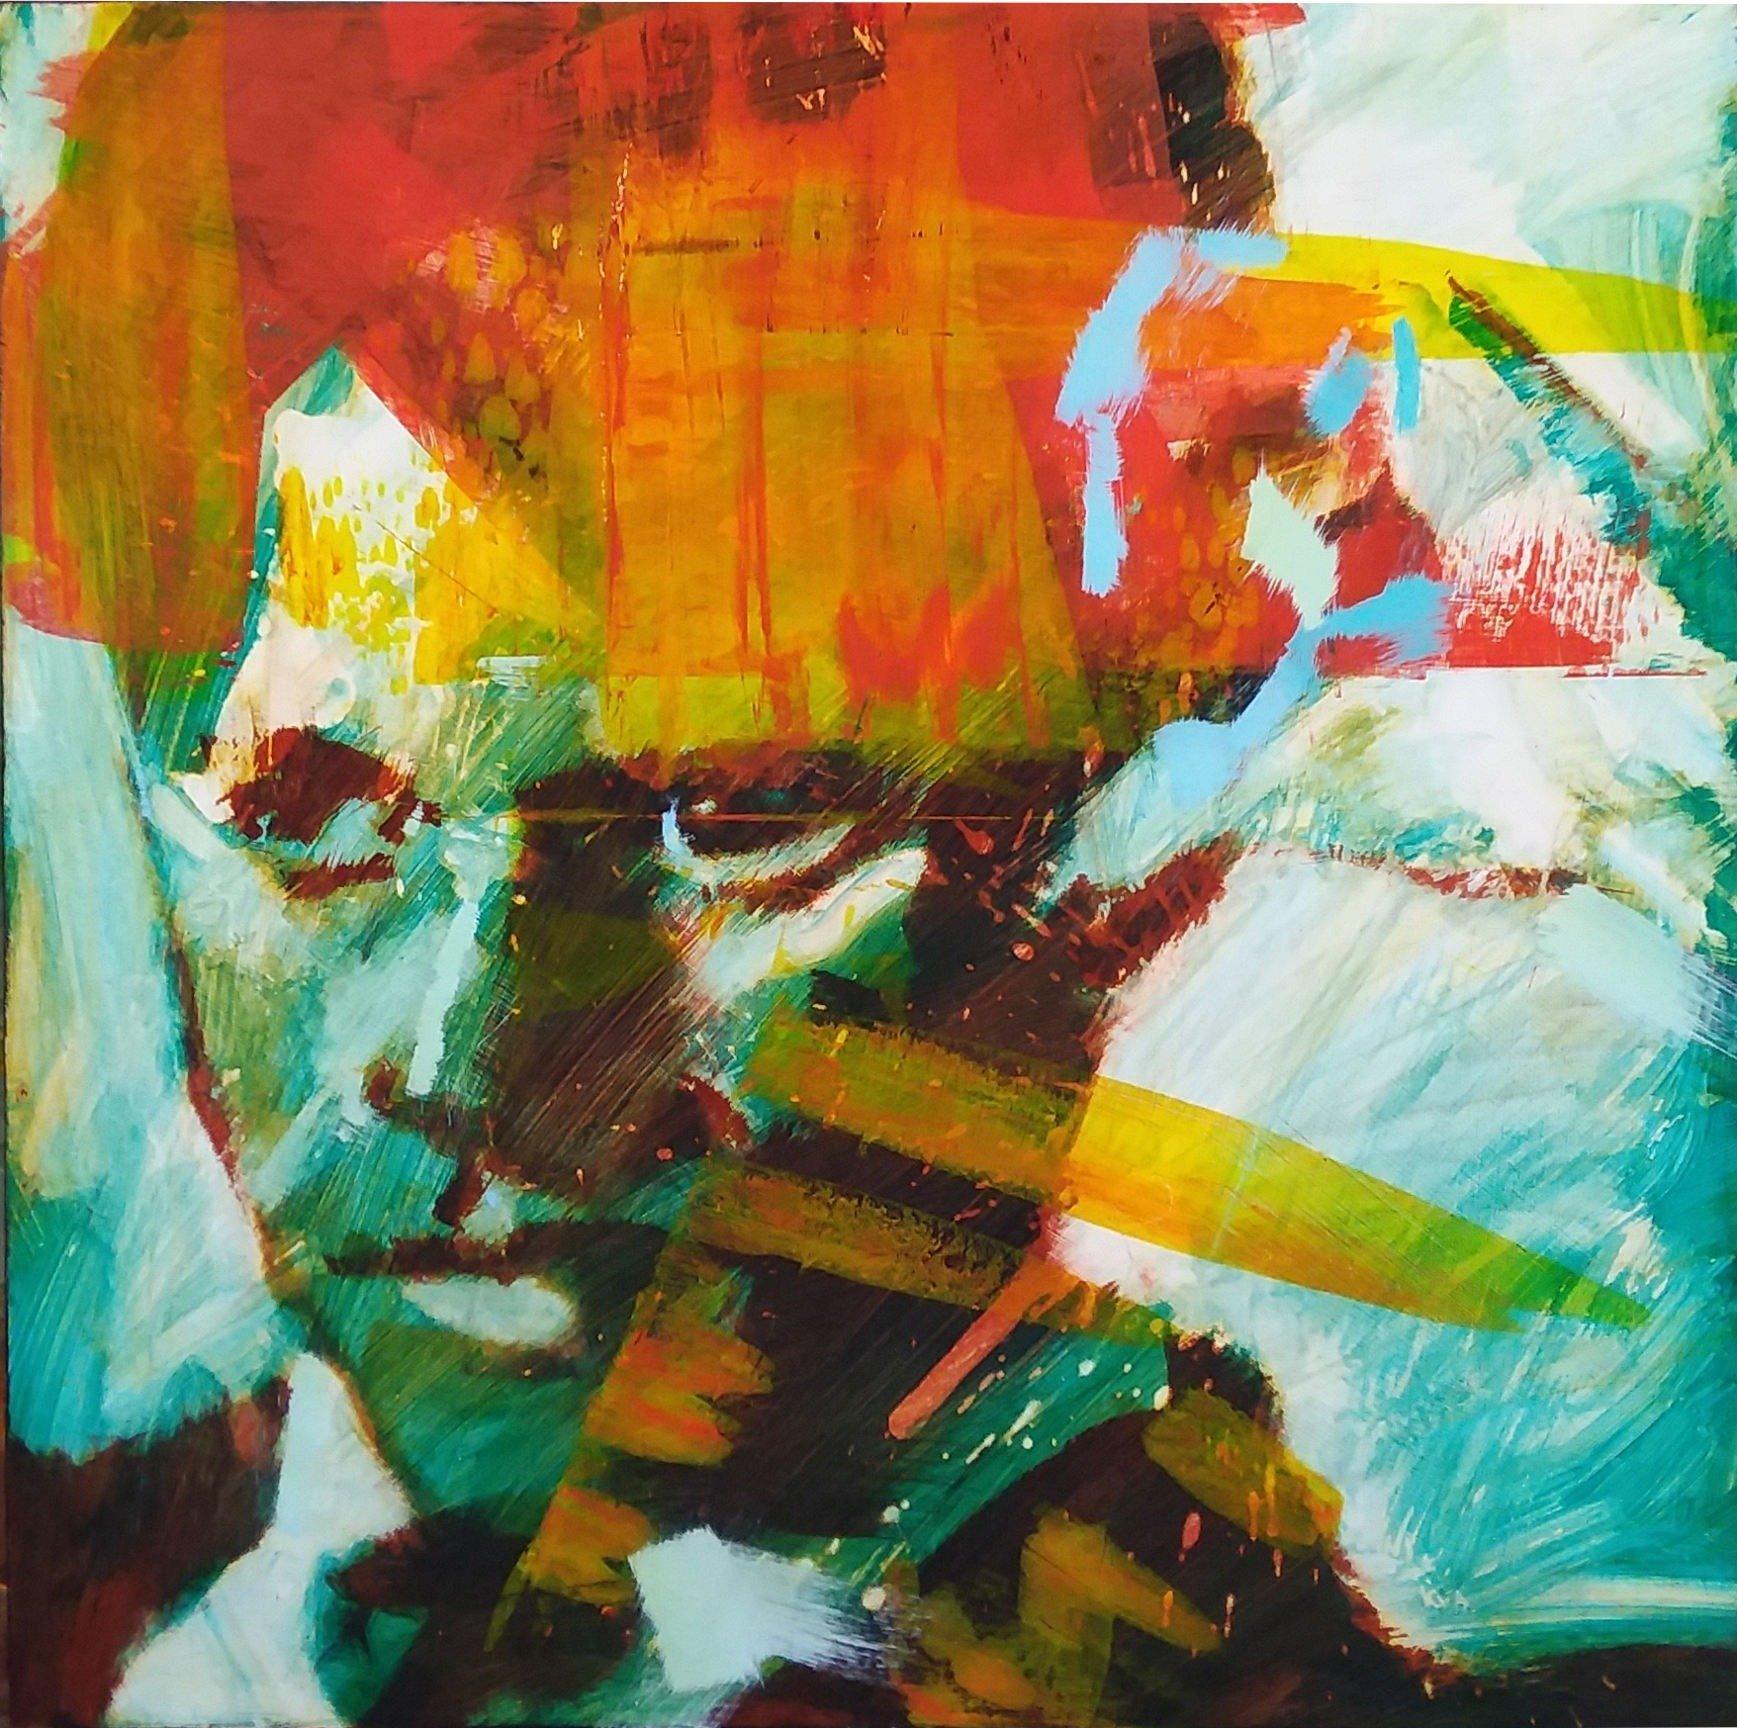 Bobby Kennedy by Henryk Ptaswiewicz Acrylic on Cradled Panel 24x24